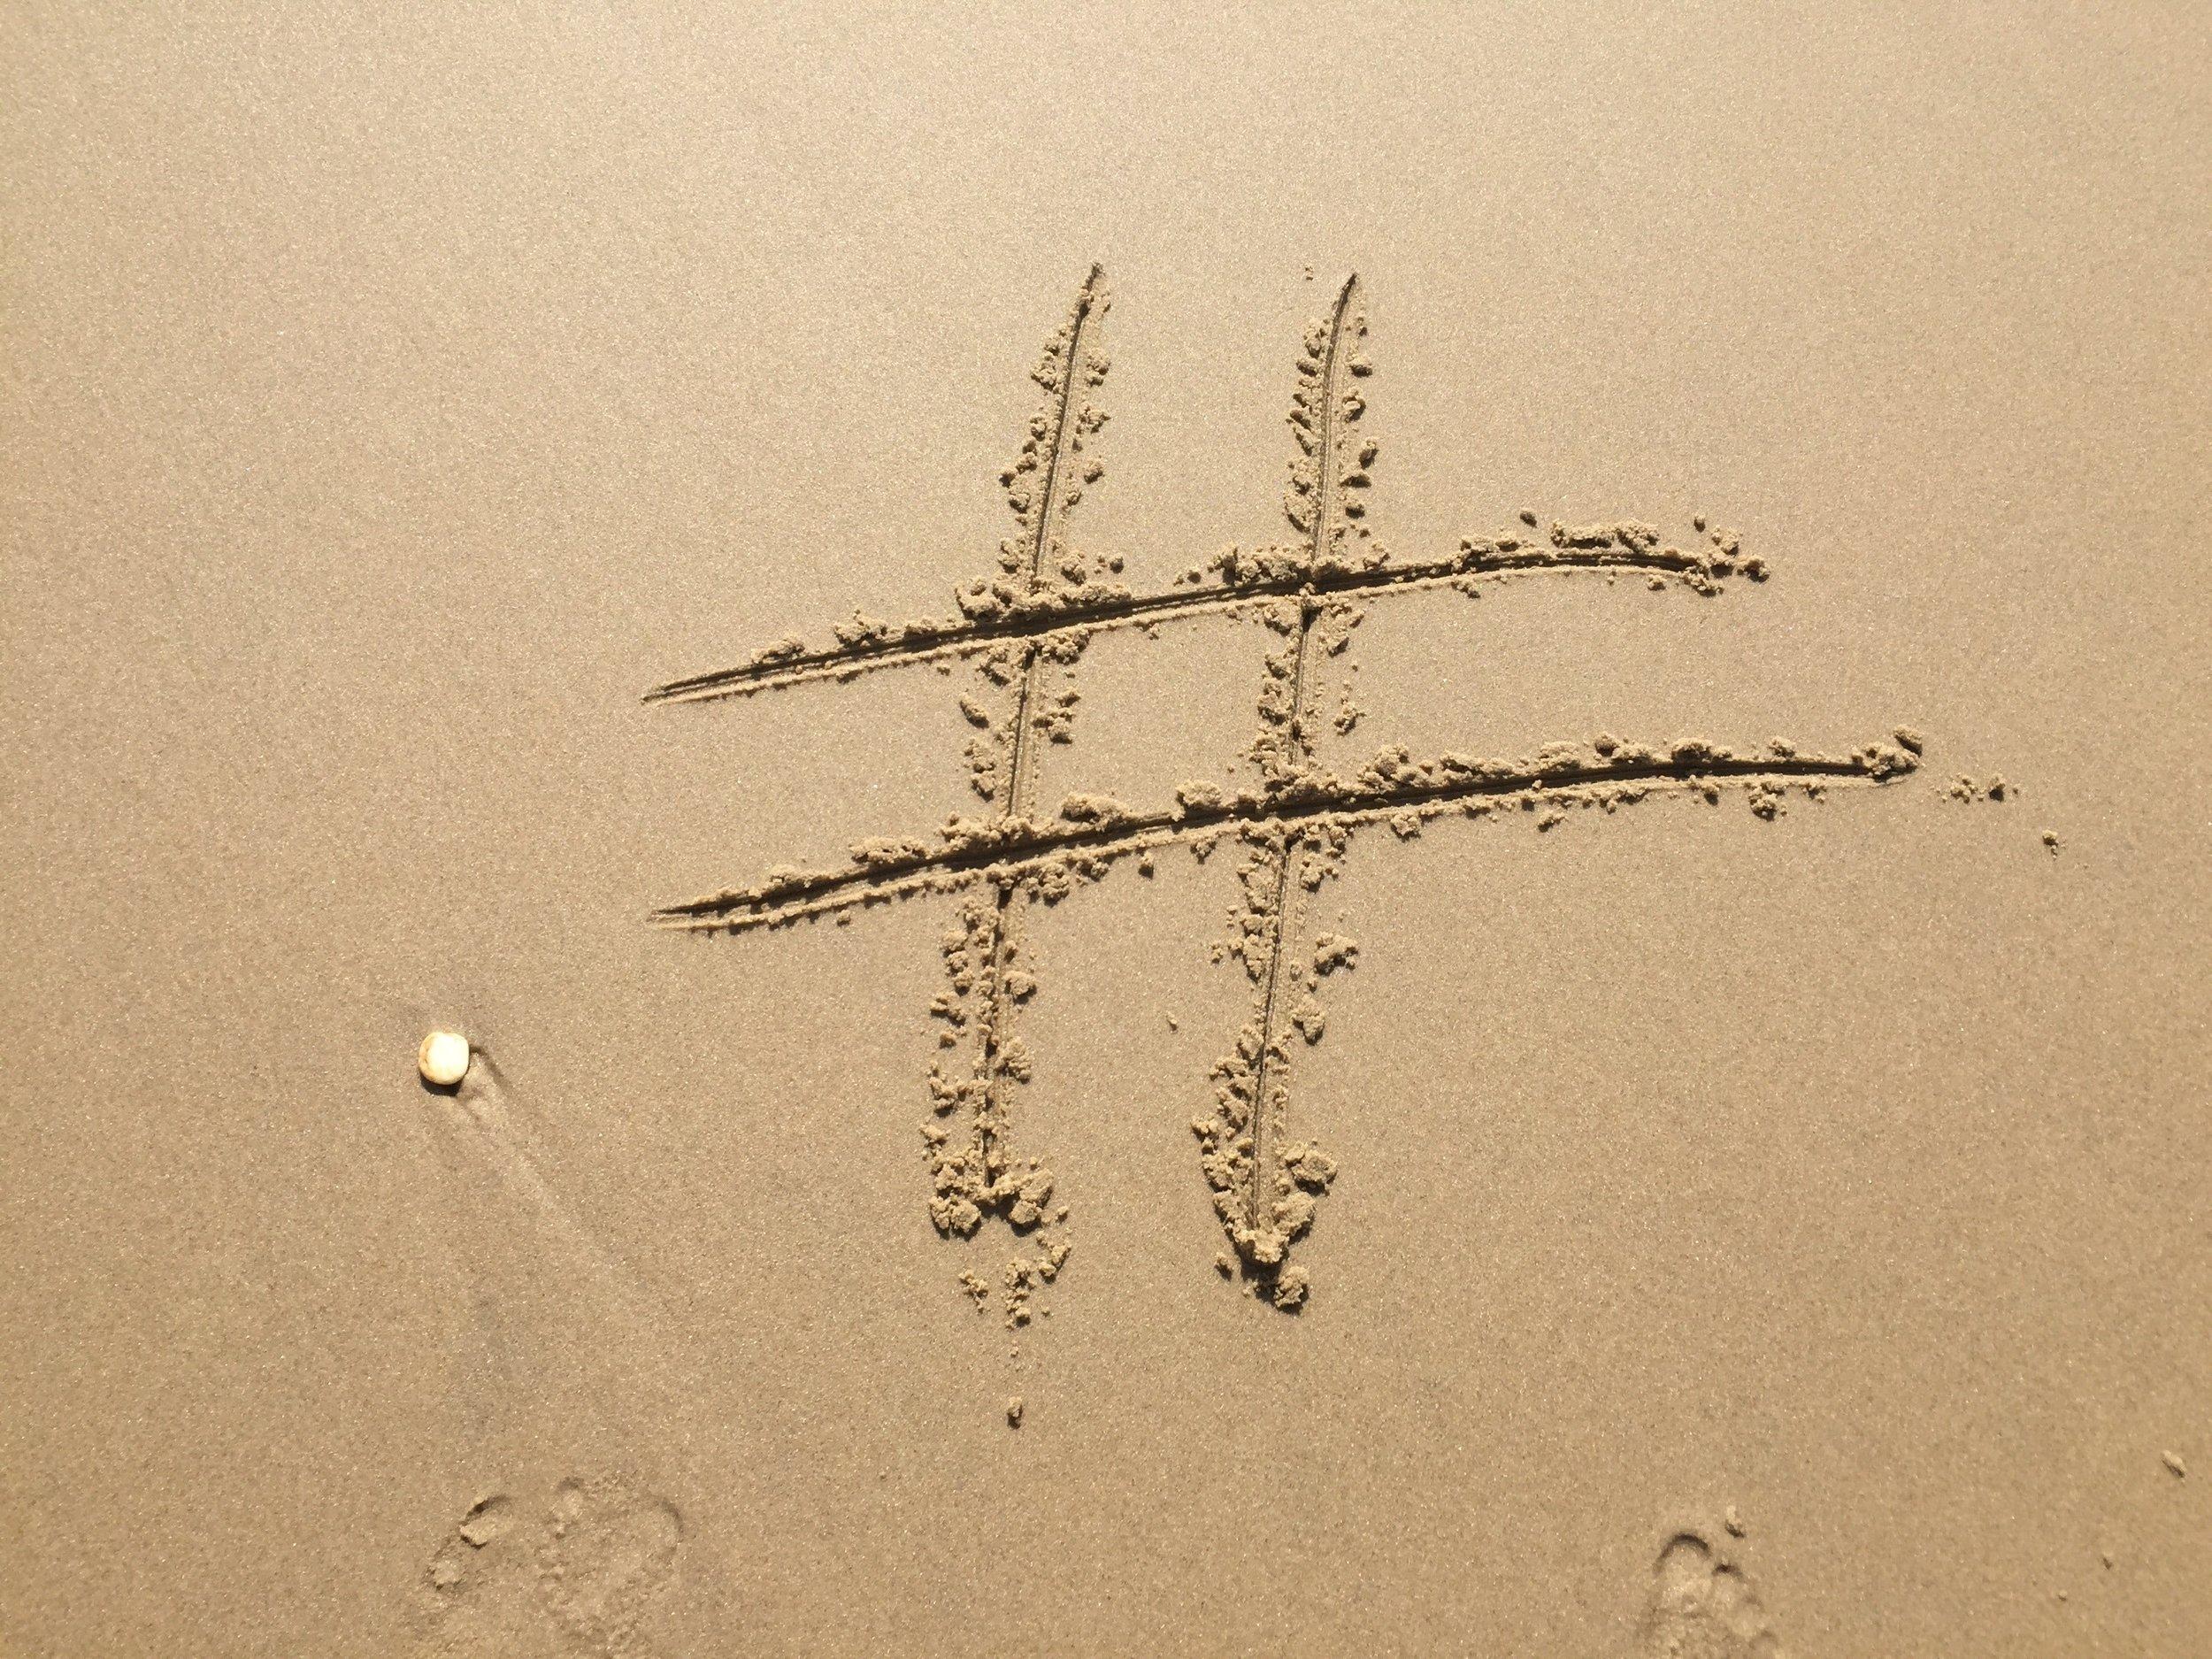 beach-footprint-hashtag-270271.jpg